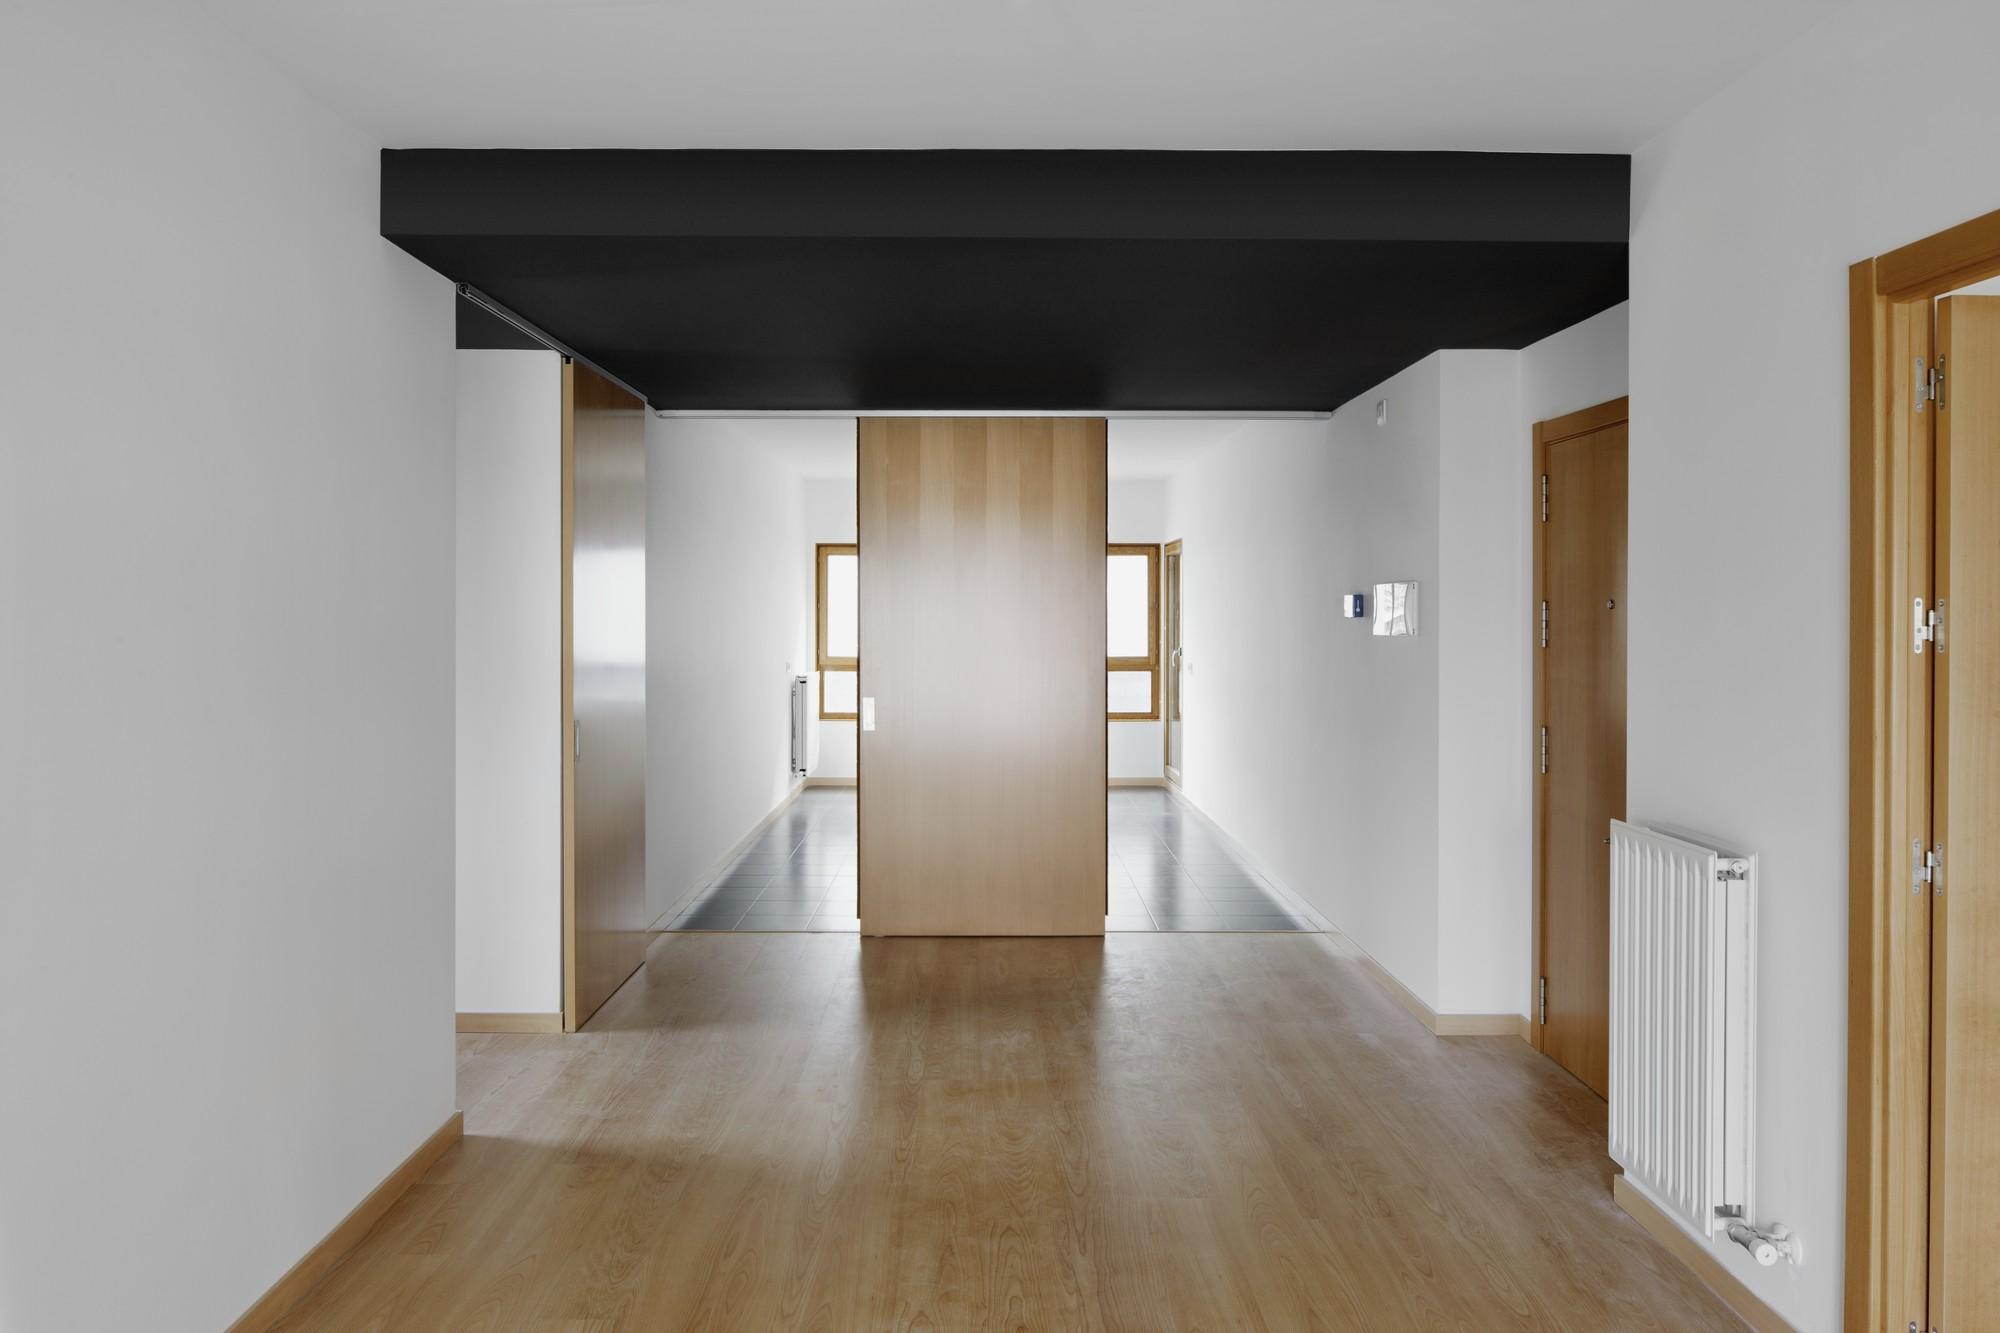 Galer a de nuevo grupo de viviendas de protecci n oficial en vitoria gasteiz acxt arquitectos 6 - Arquitectos en vitoria ...